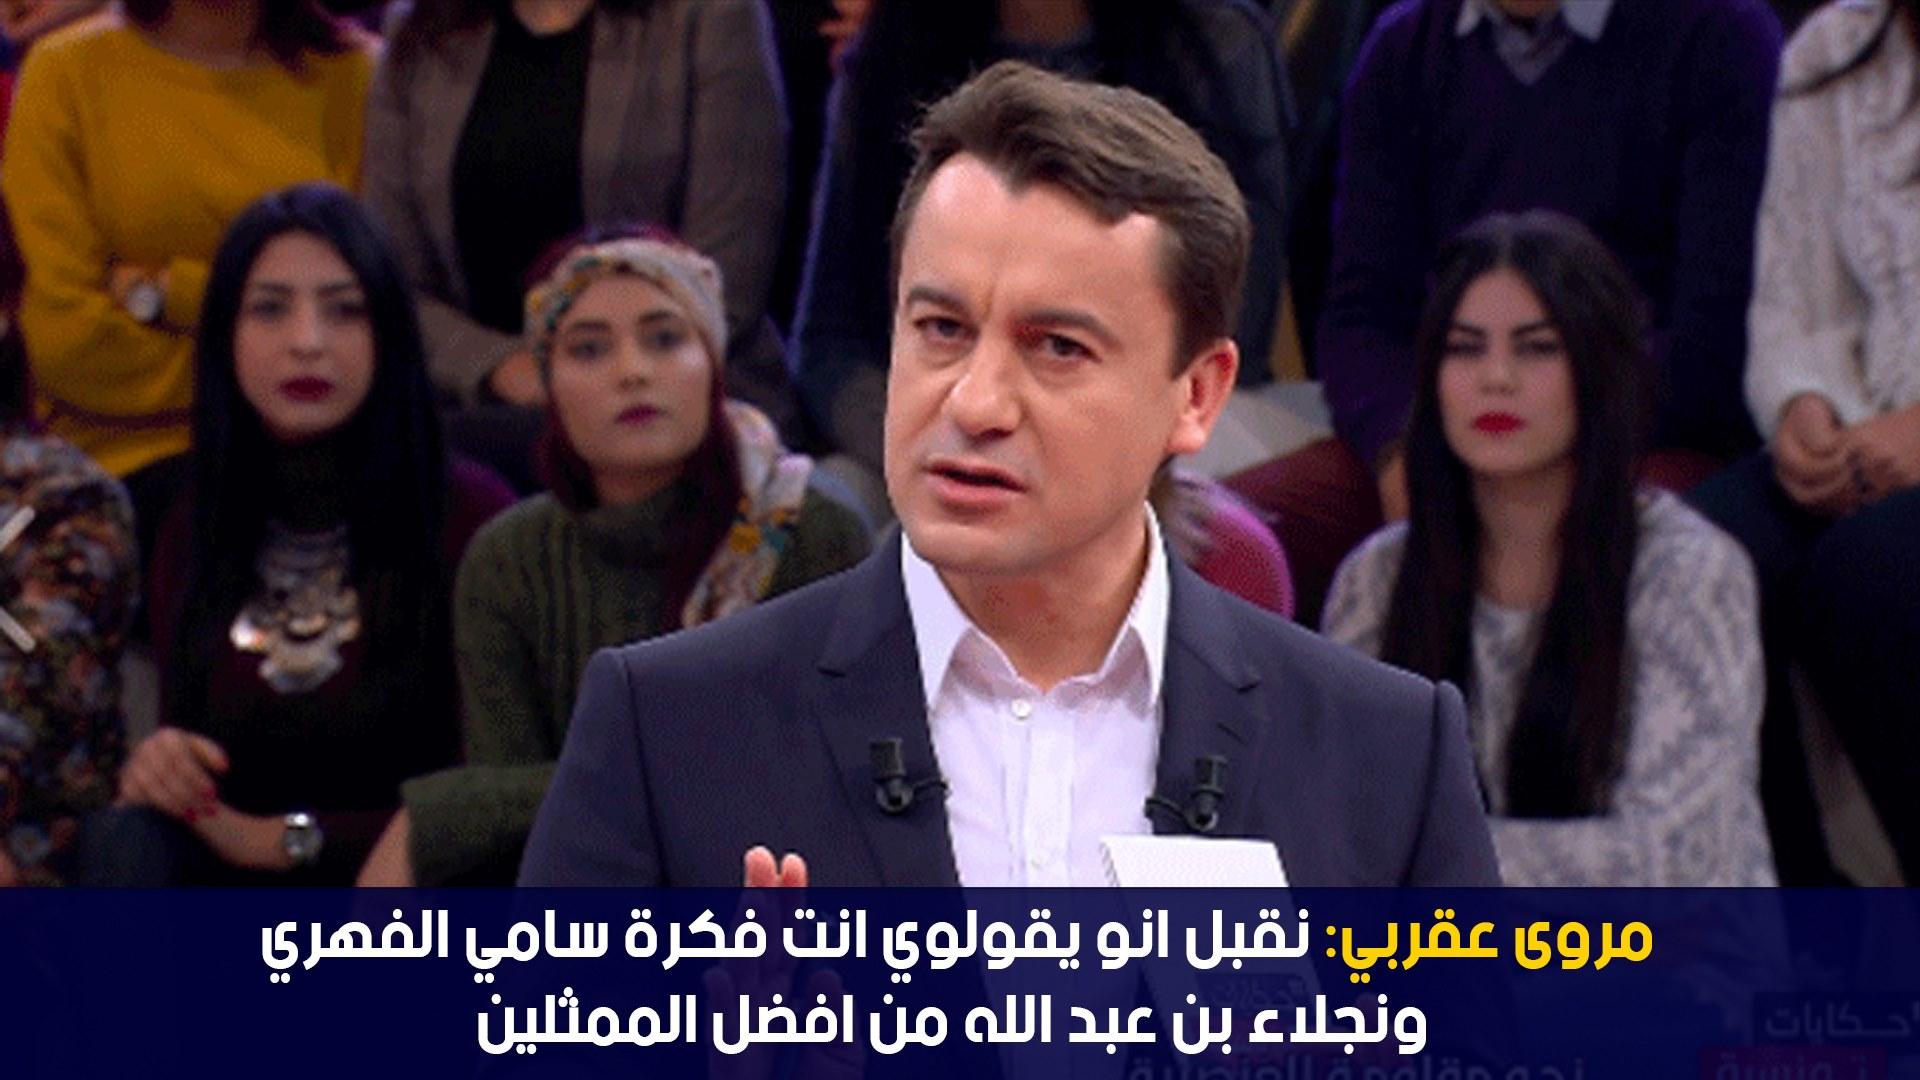 مروى العقربي:نقبل انو يقولوي انت فكرة سامي الفهري ونجلاء بن عبد الله من افضل الممثلين